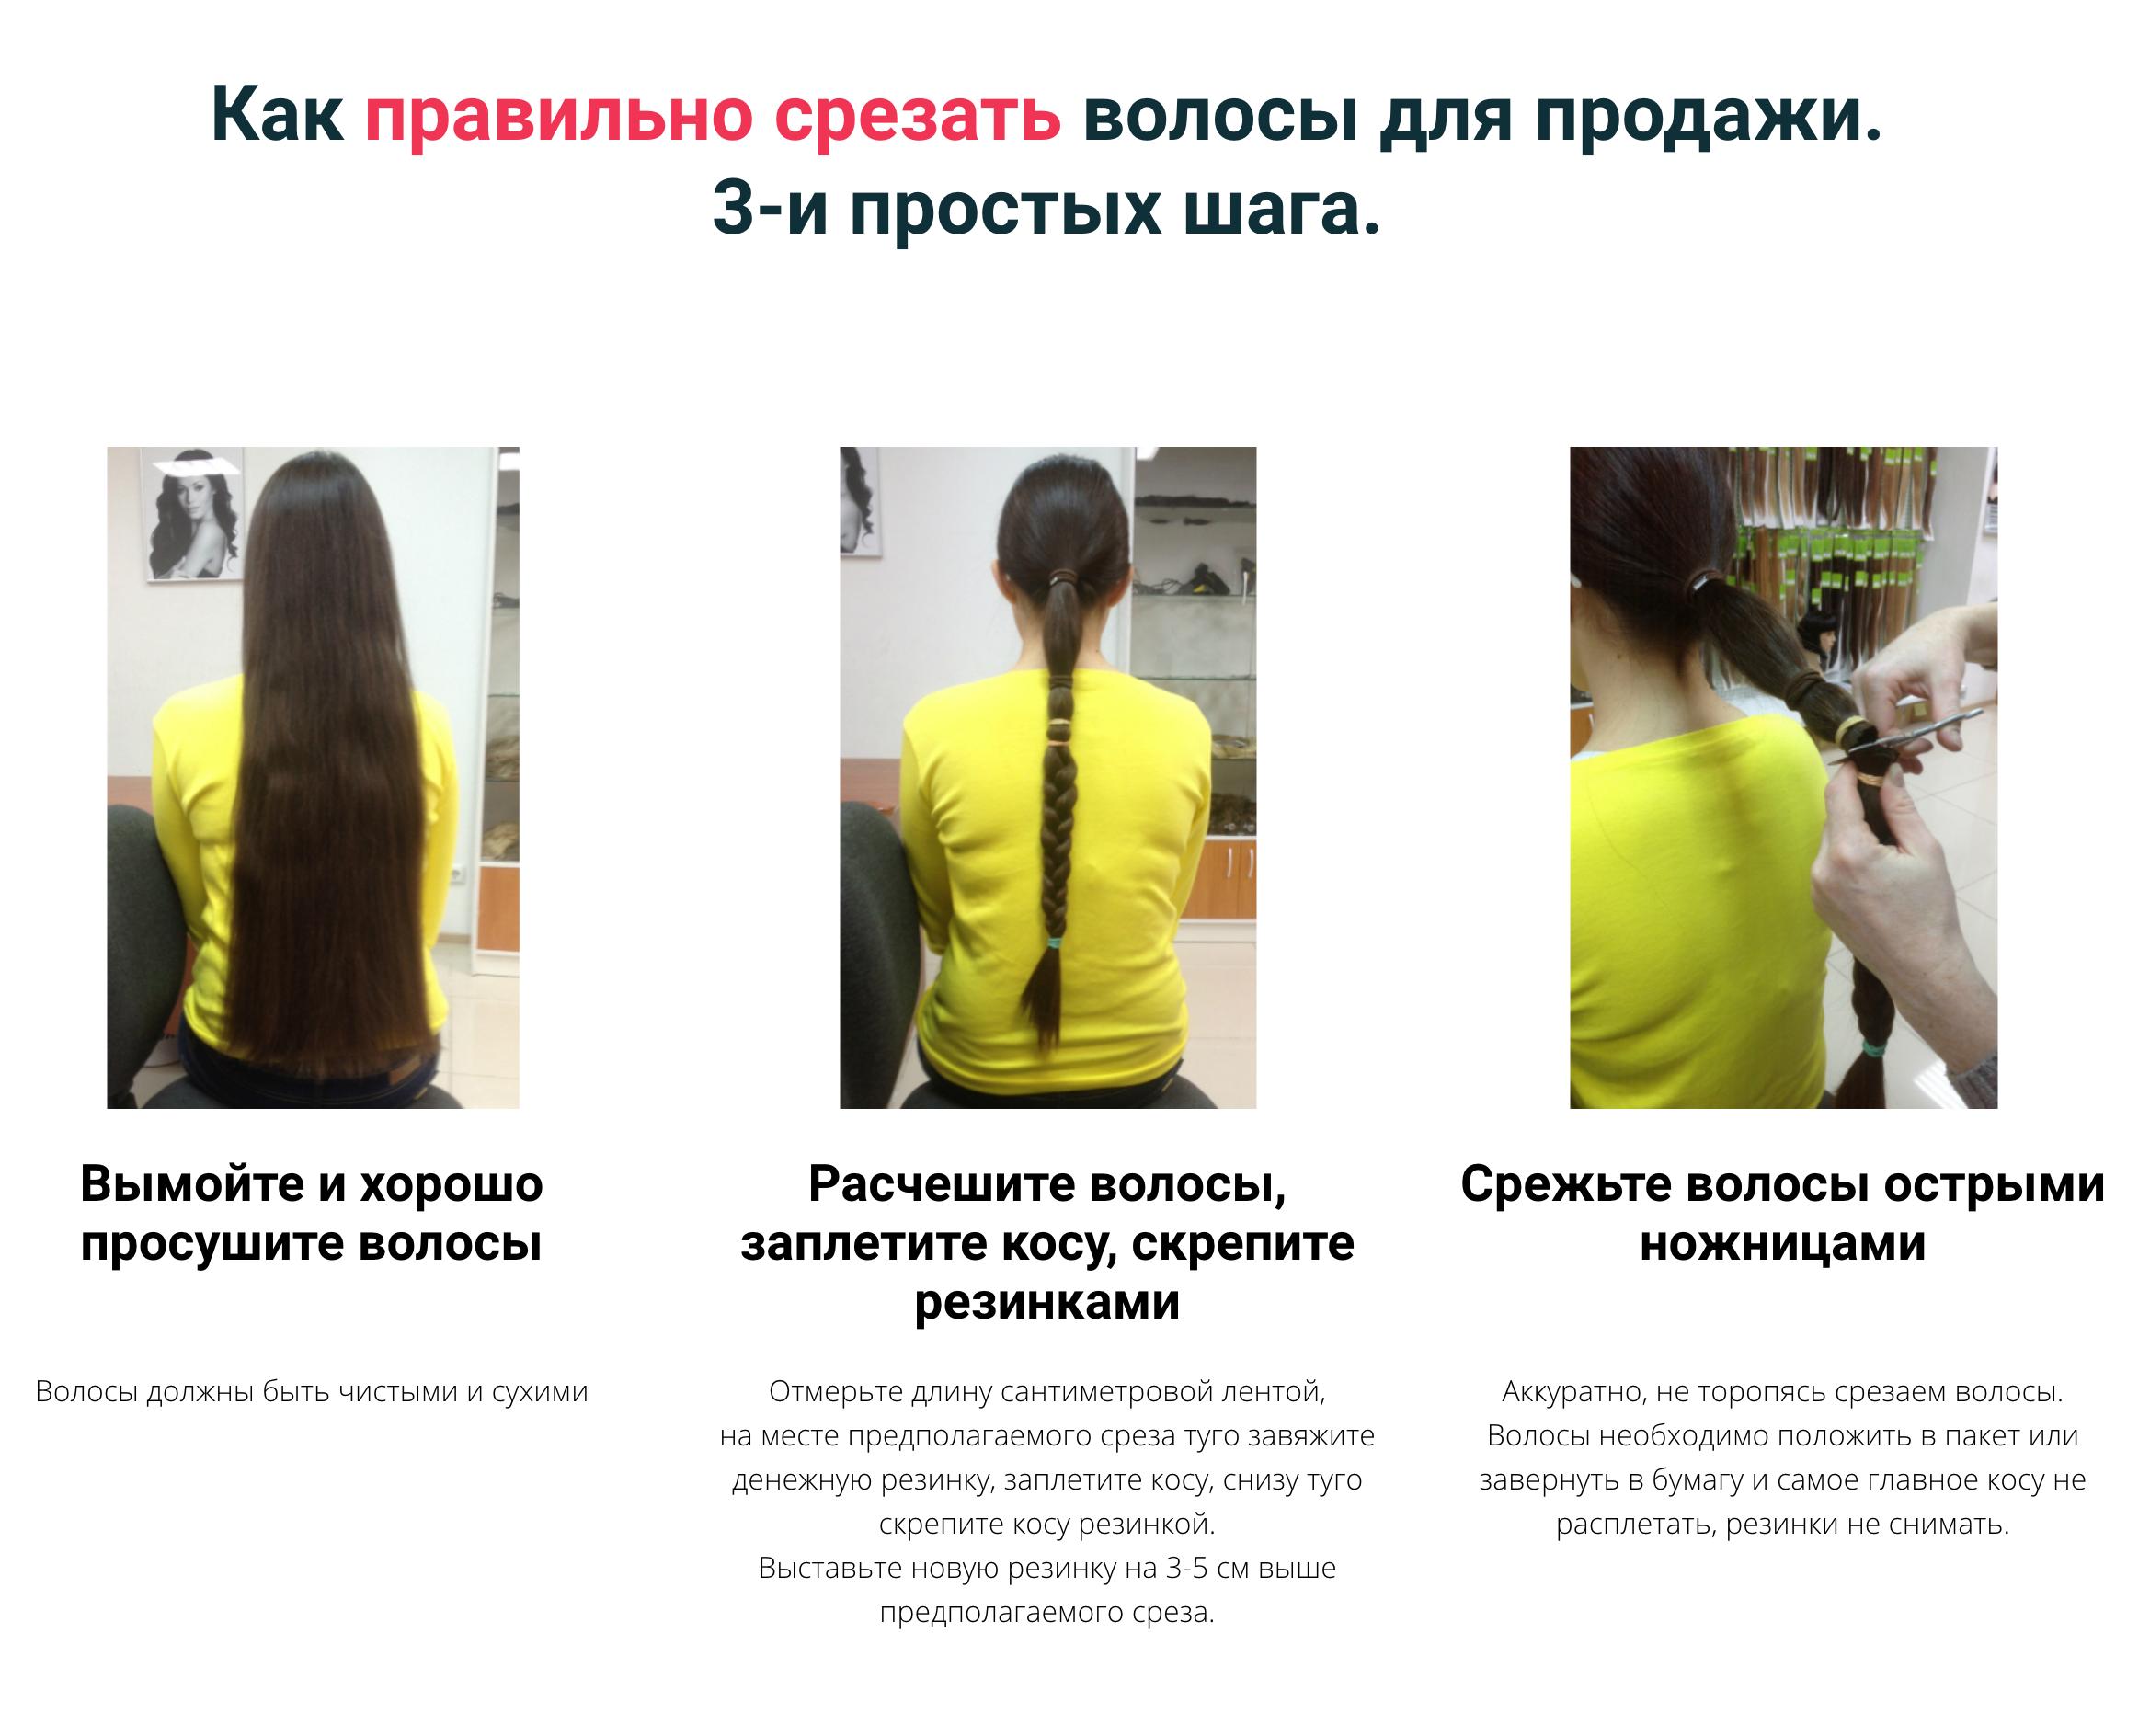 Инструкция с сайта покупателя